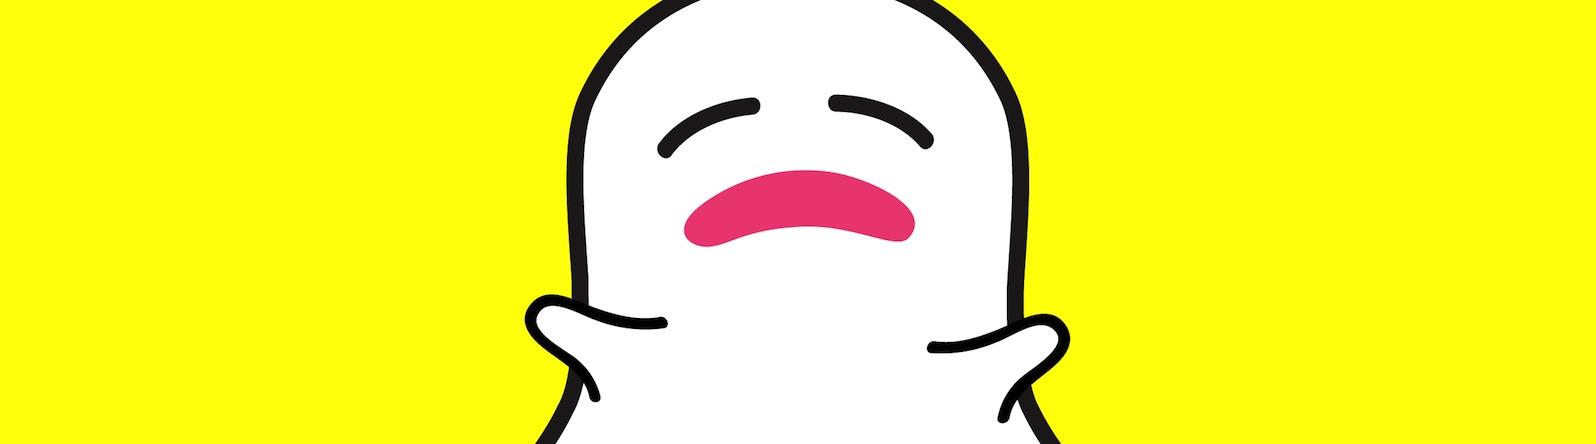 日本のローカライズがおざなりな、 Snapchat の国内事情:それでも ...